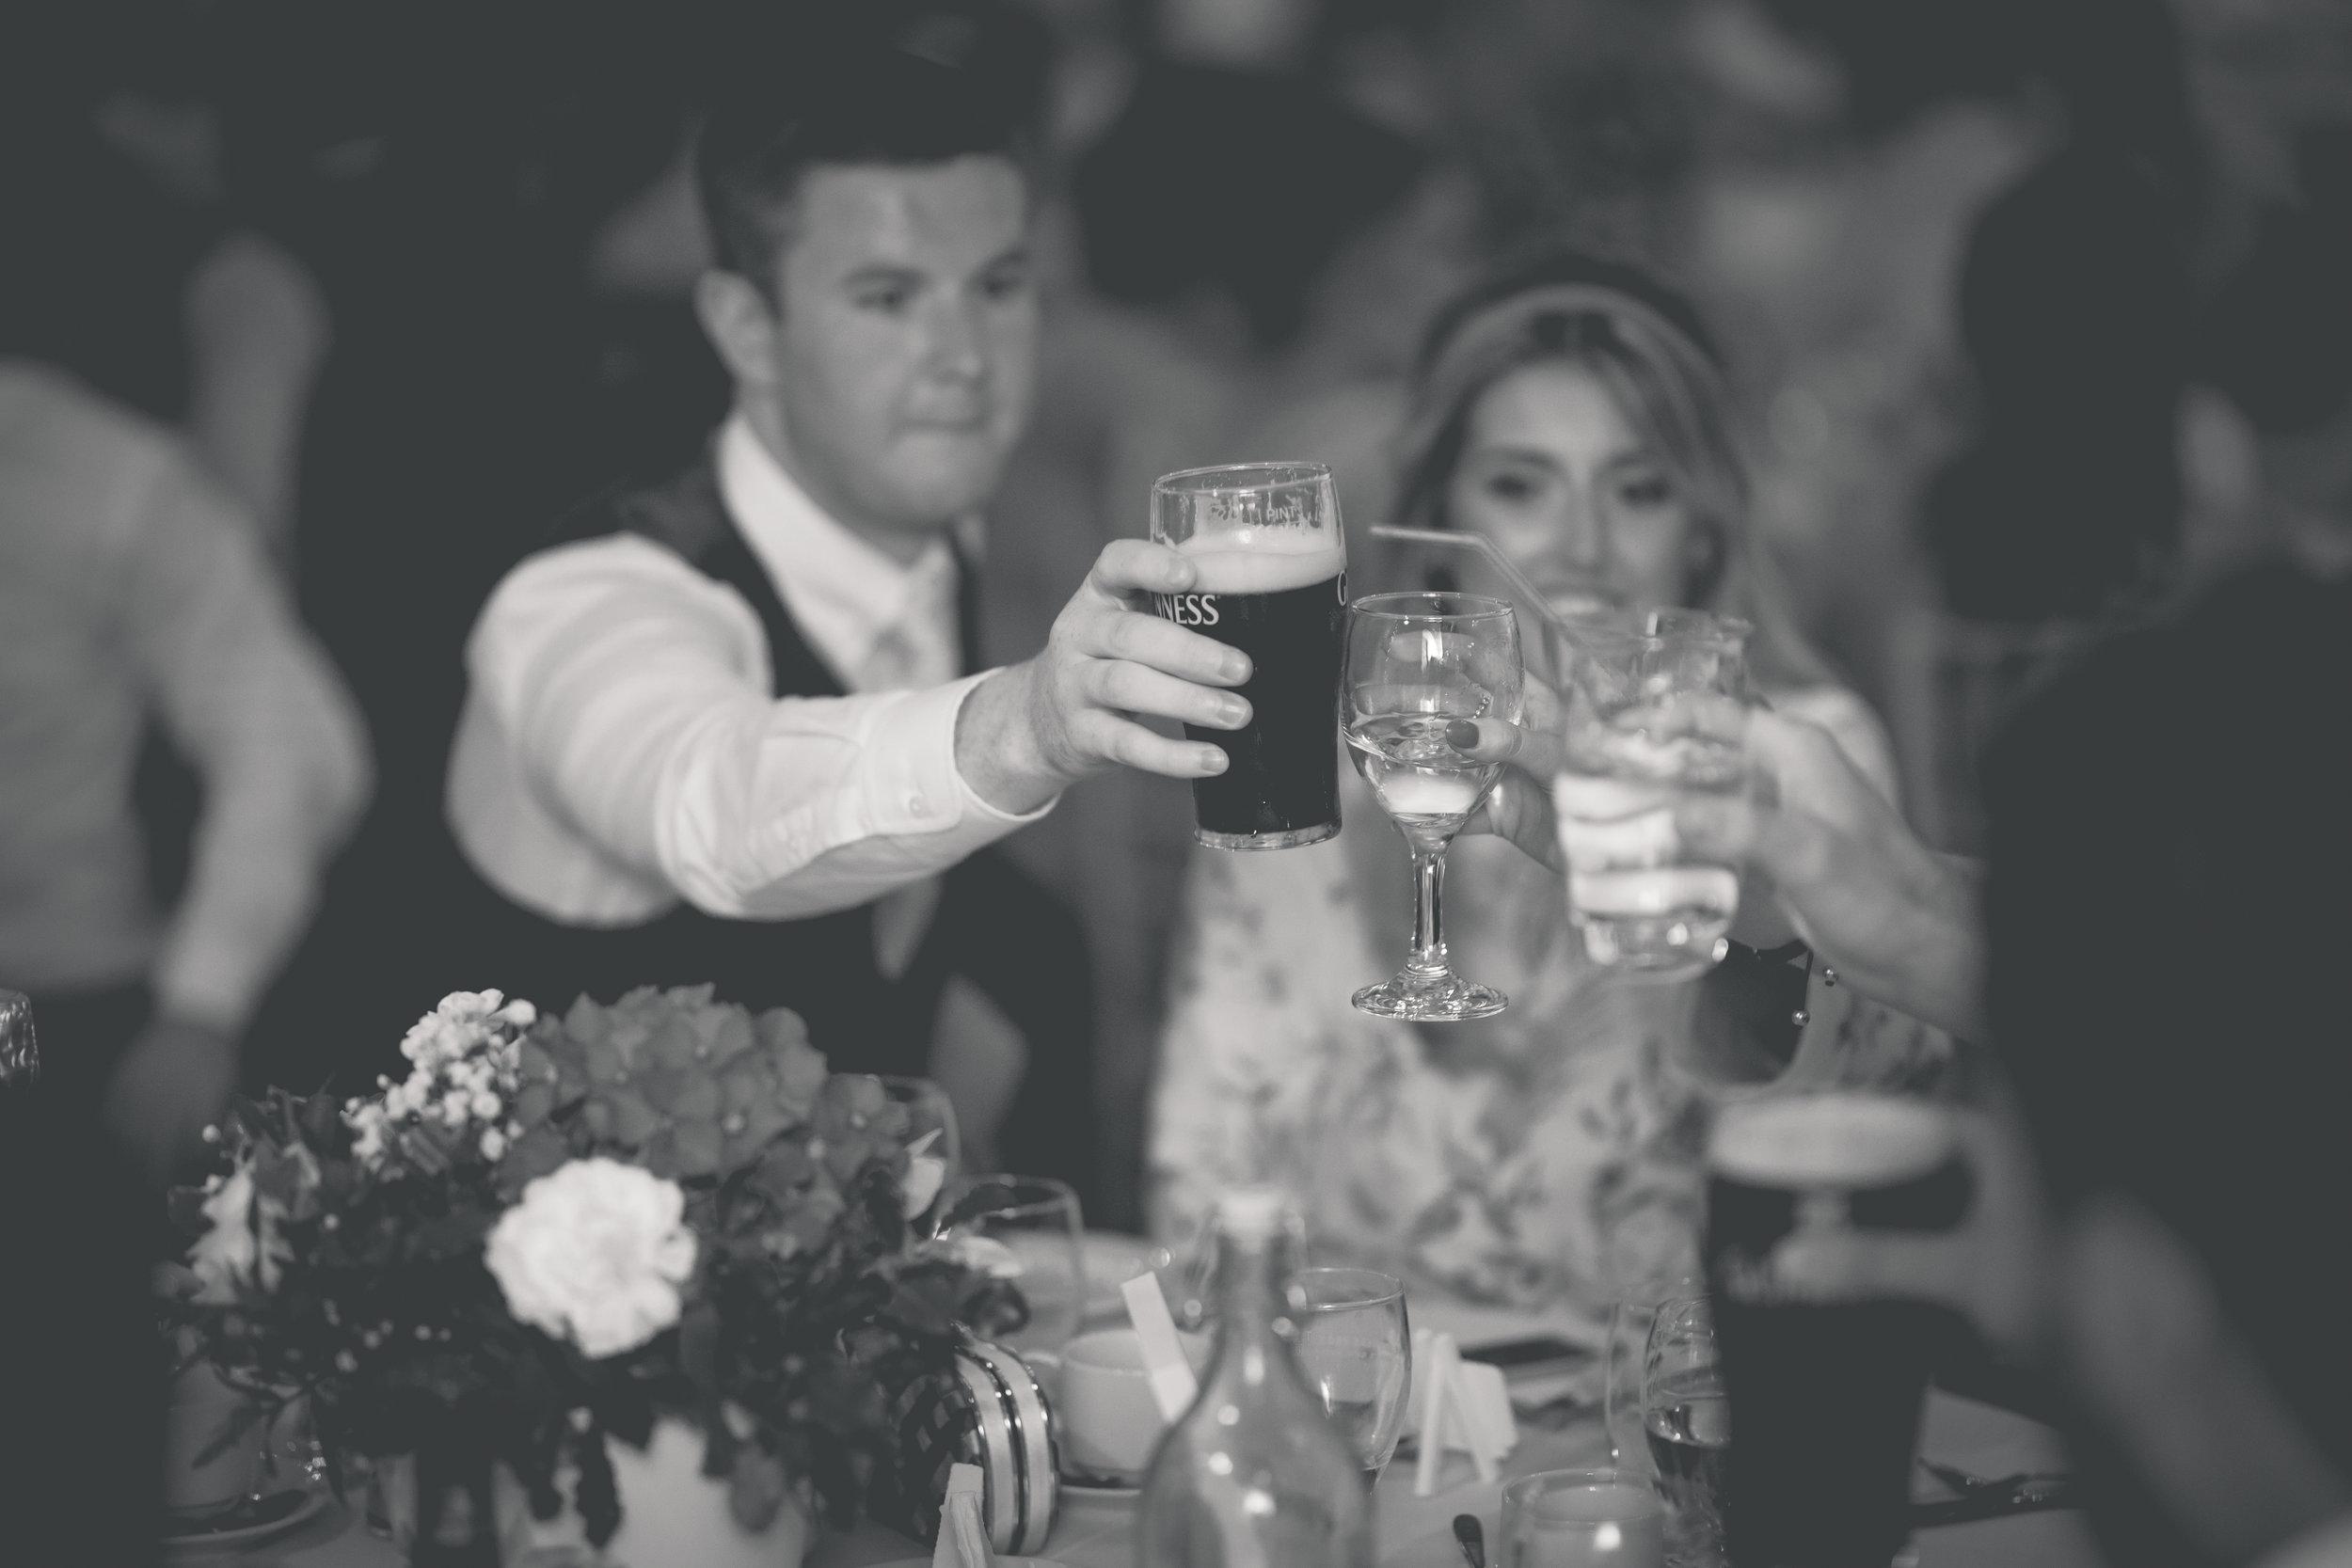 Brian McEwan Wedding Photography | Carol-Anne & Sean | The Speeches-64.jpg